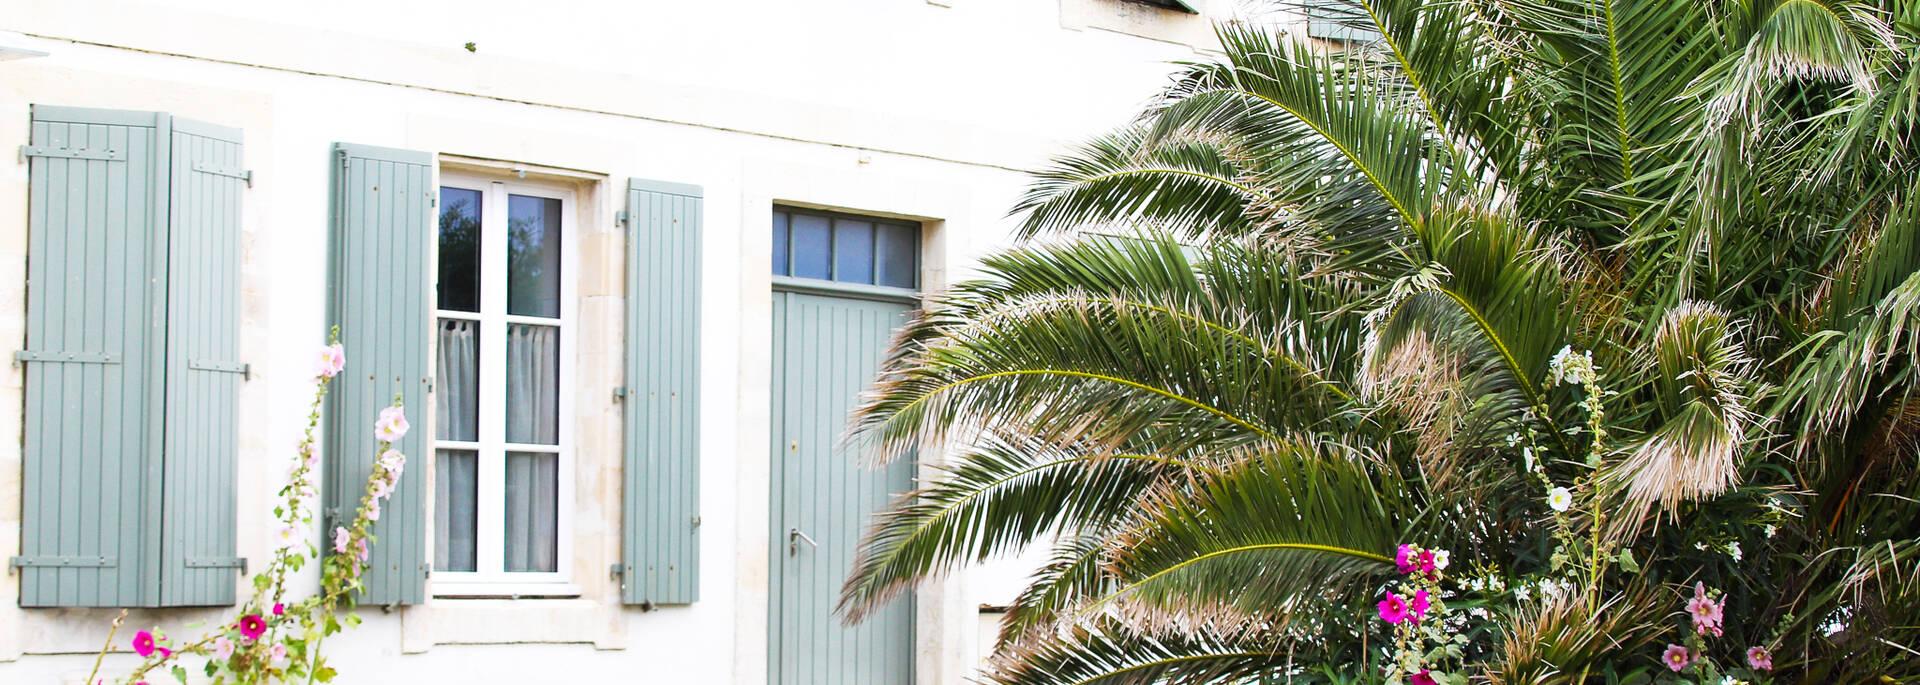 Villa de l'Ile d'Aix ©Marine  De Villartay